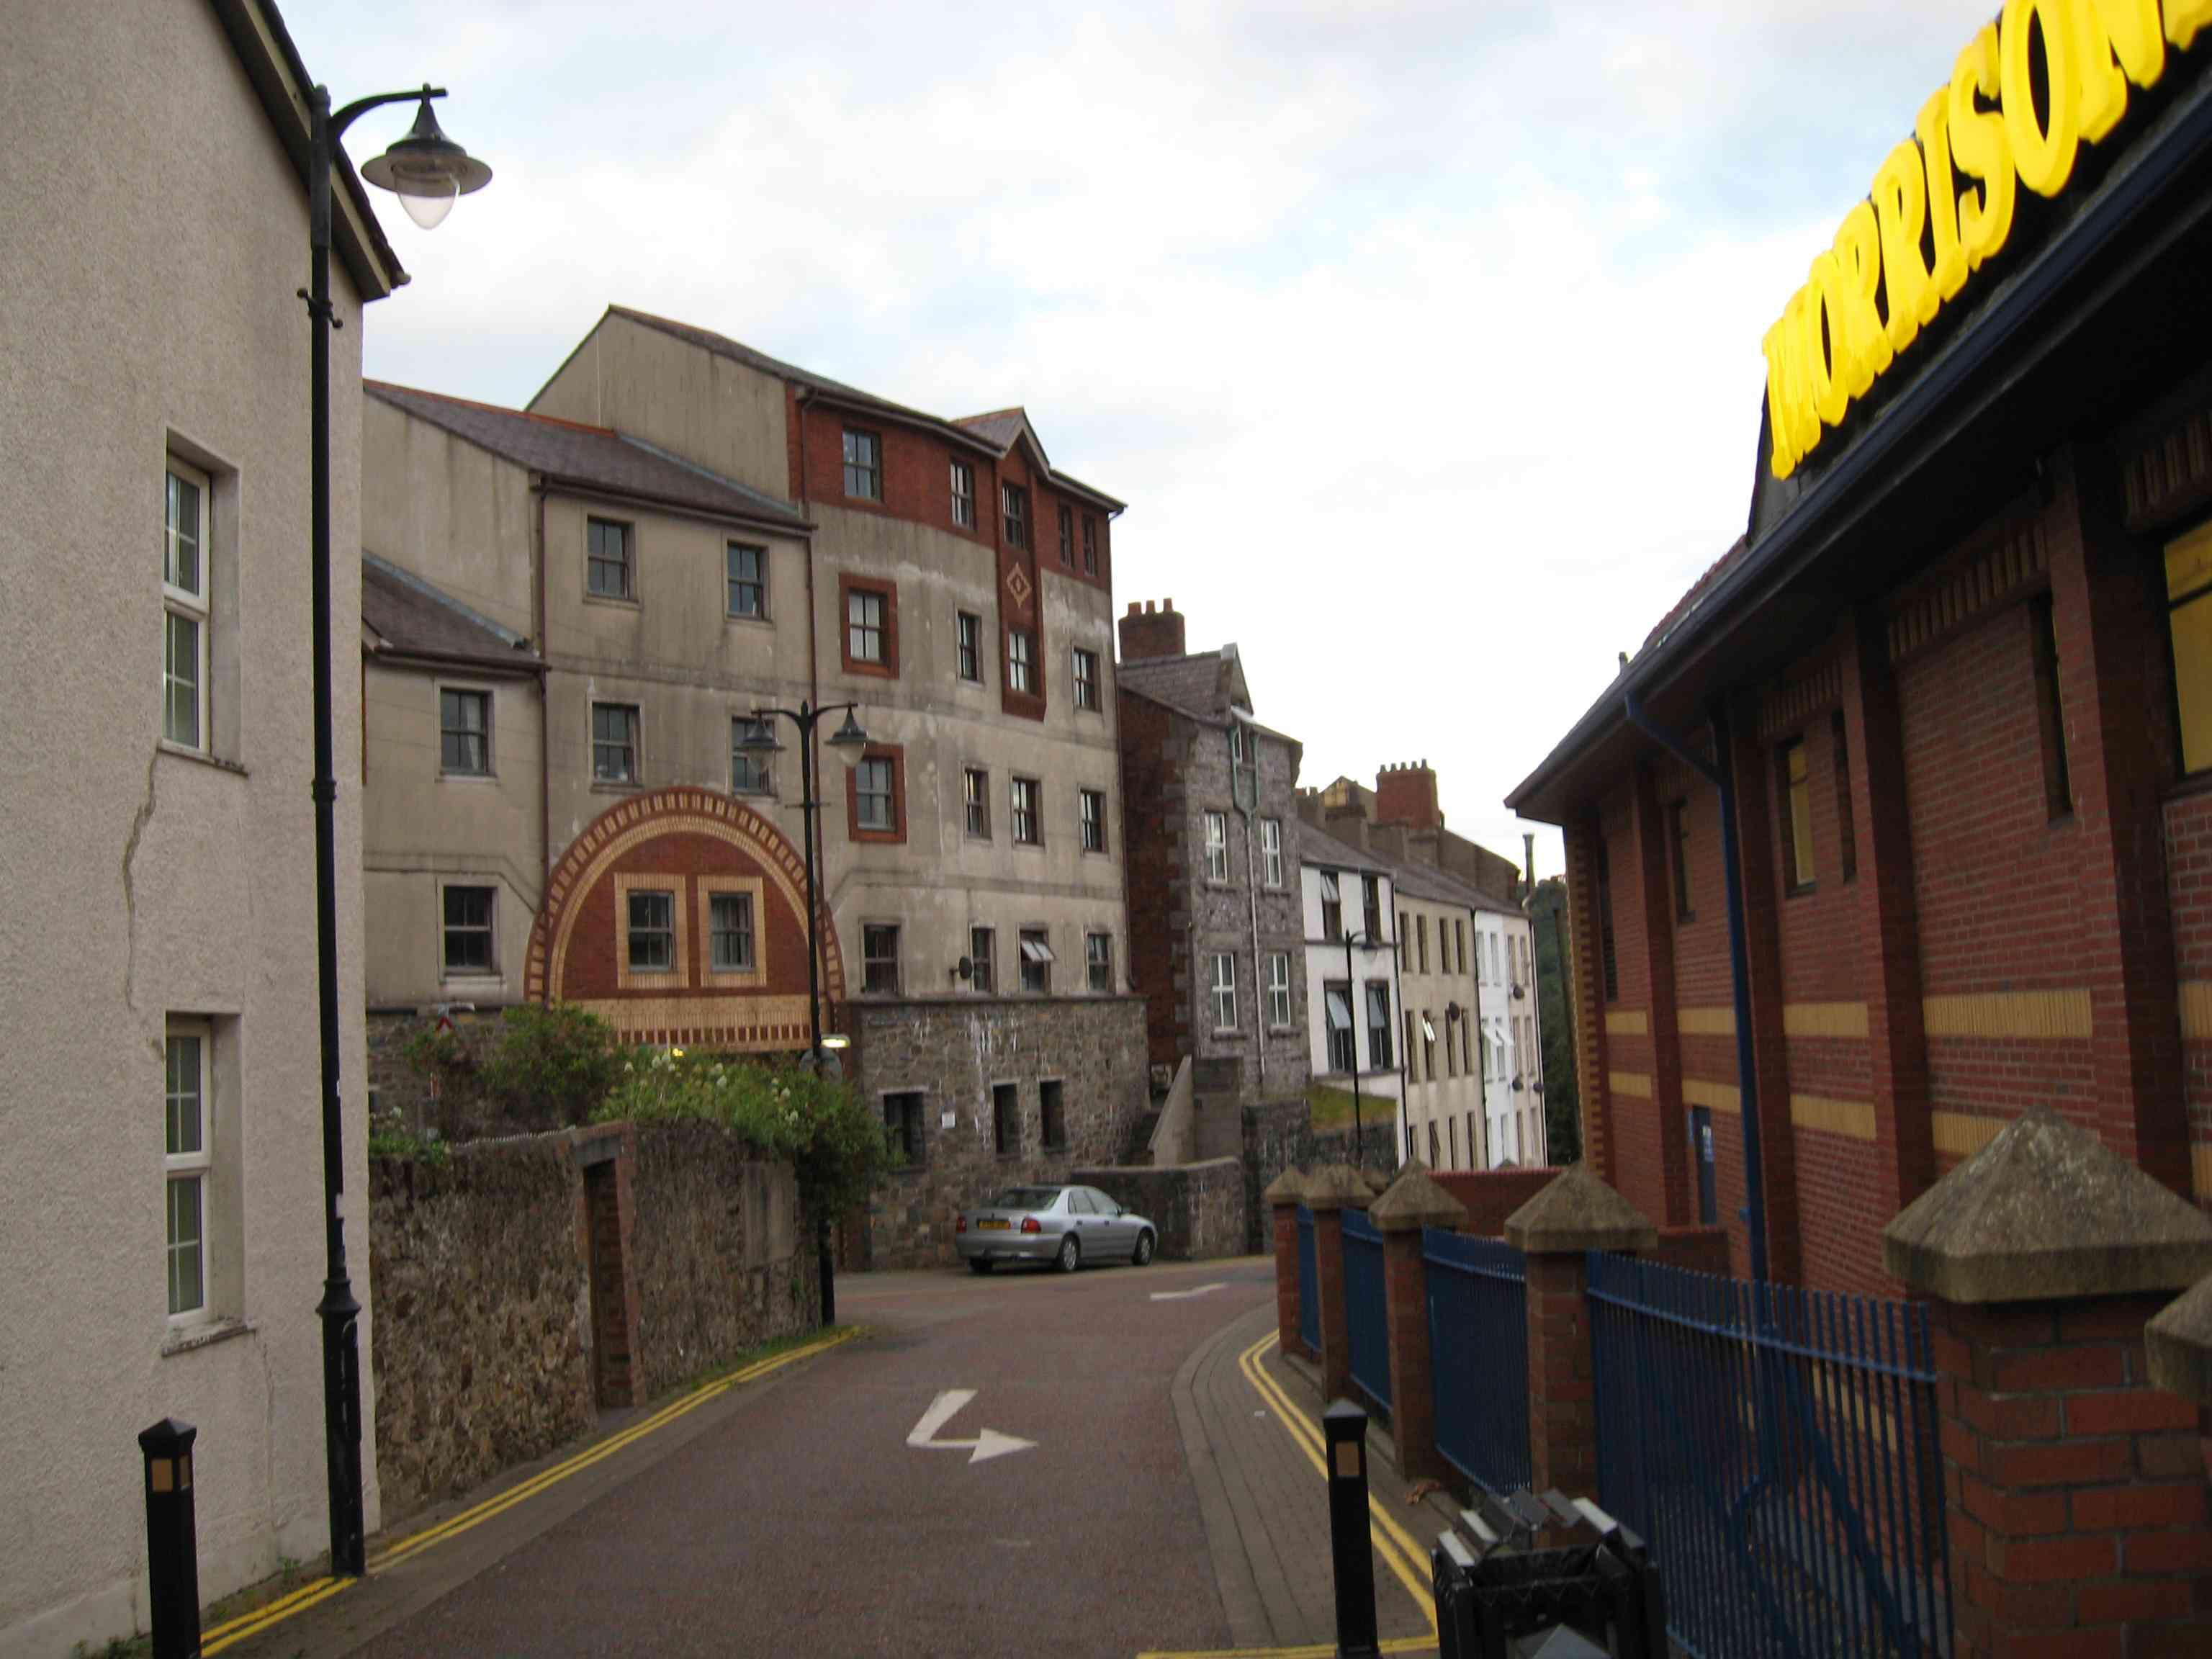 Bangorstreet.jpg